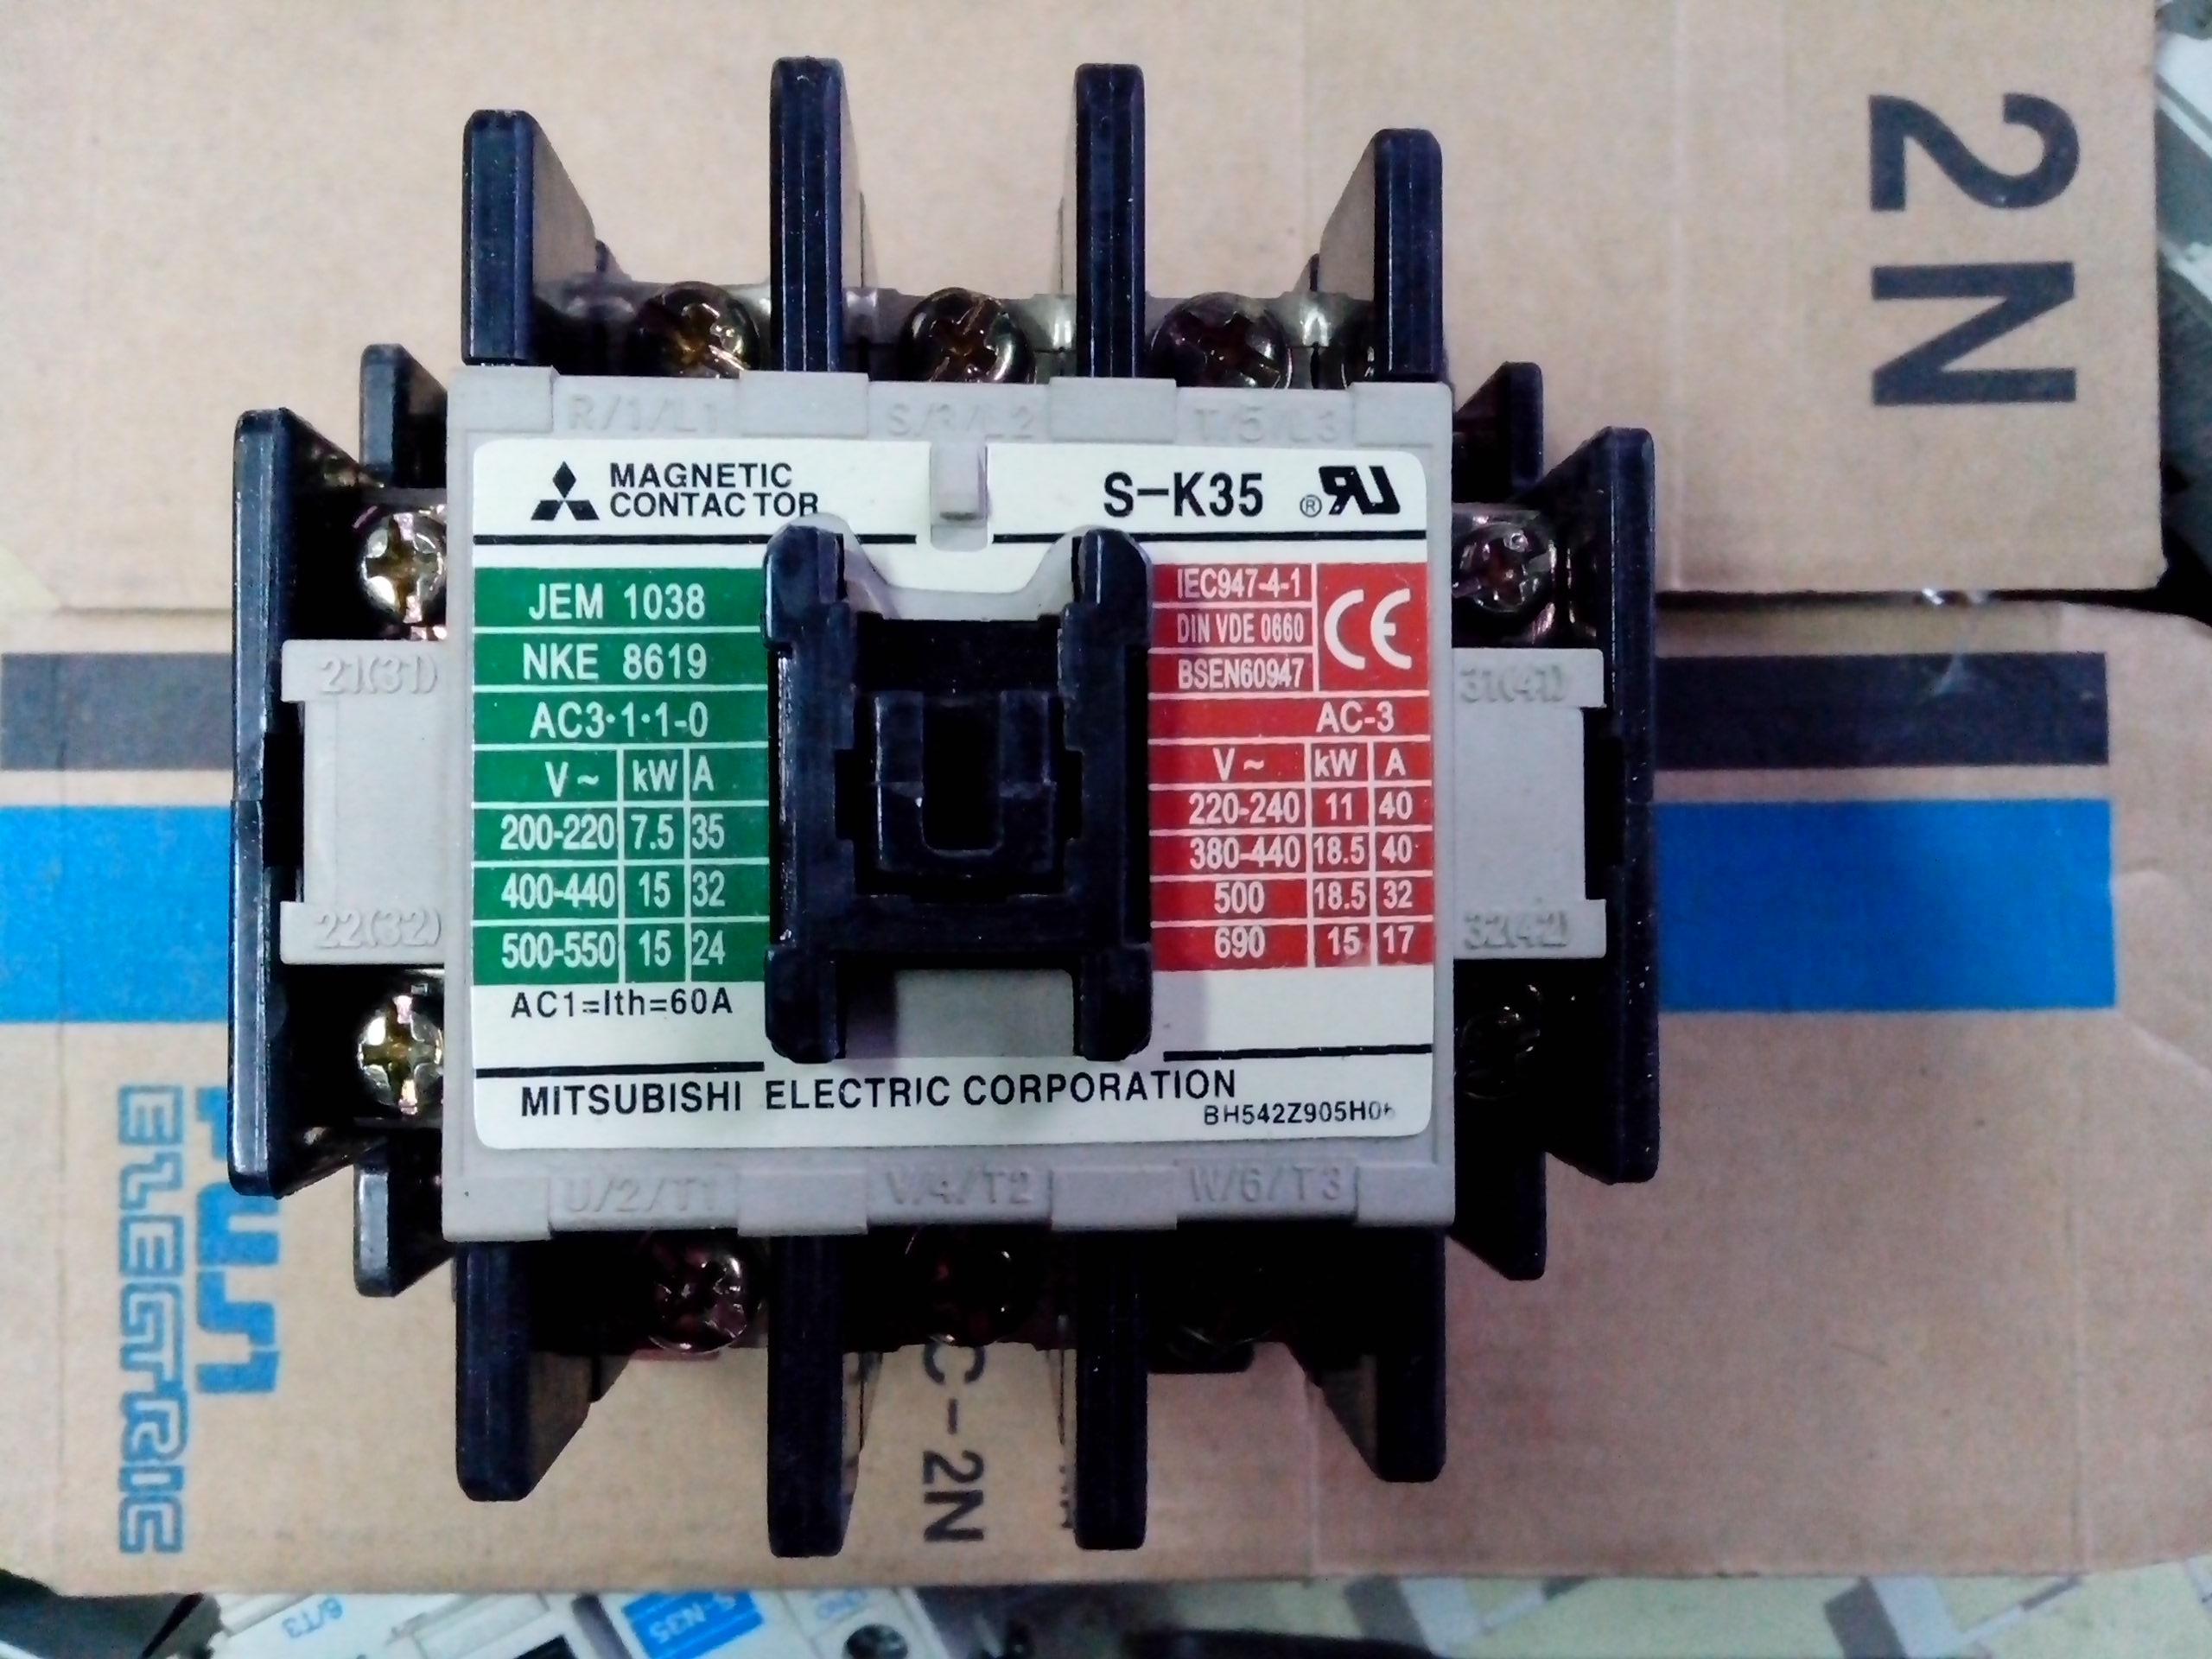 产品库 电气设备/工业电器 低压电器 接触器 s-k65三菱交流接触器